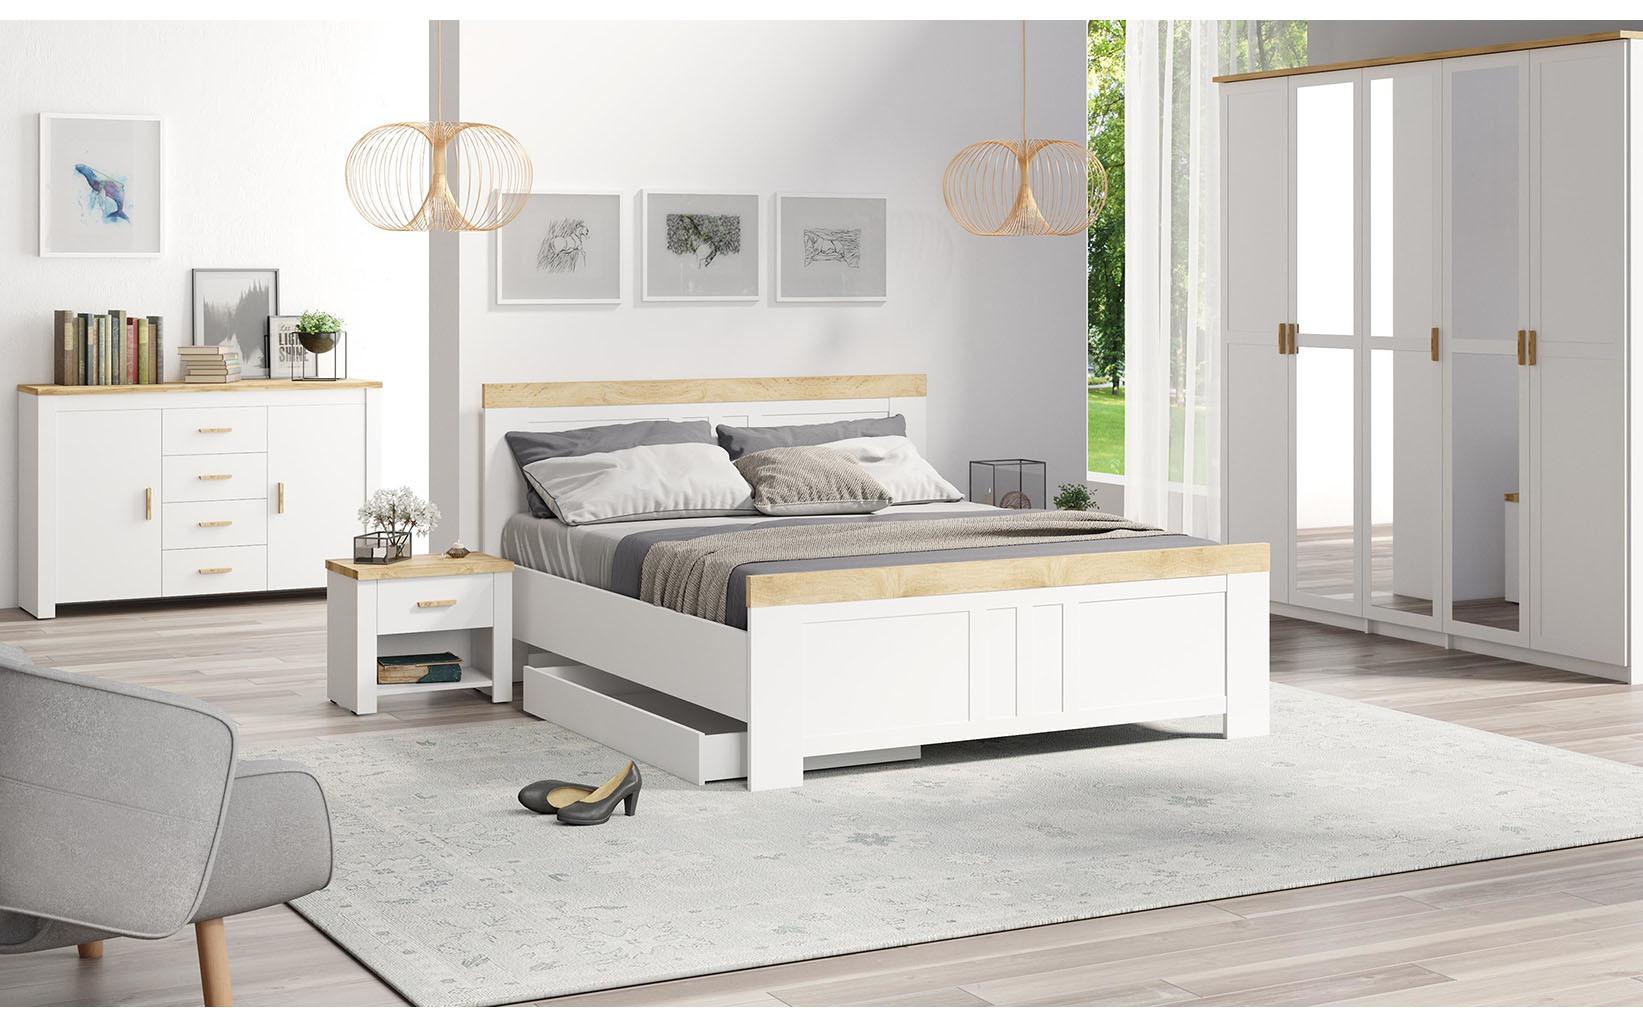 Выбор качественной и стильной мебели для спальни